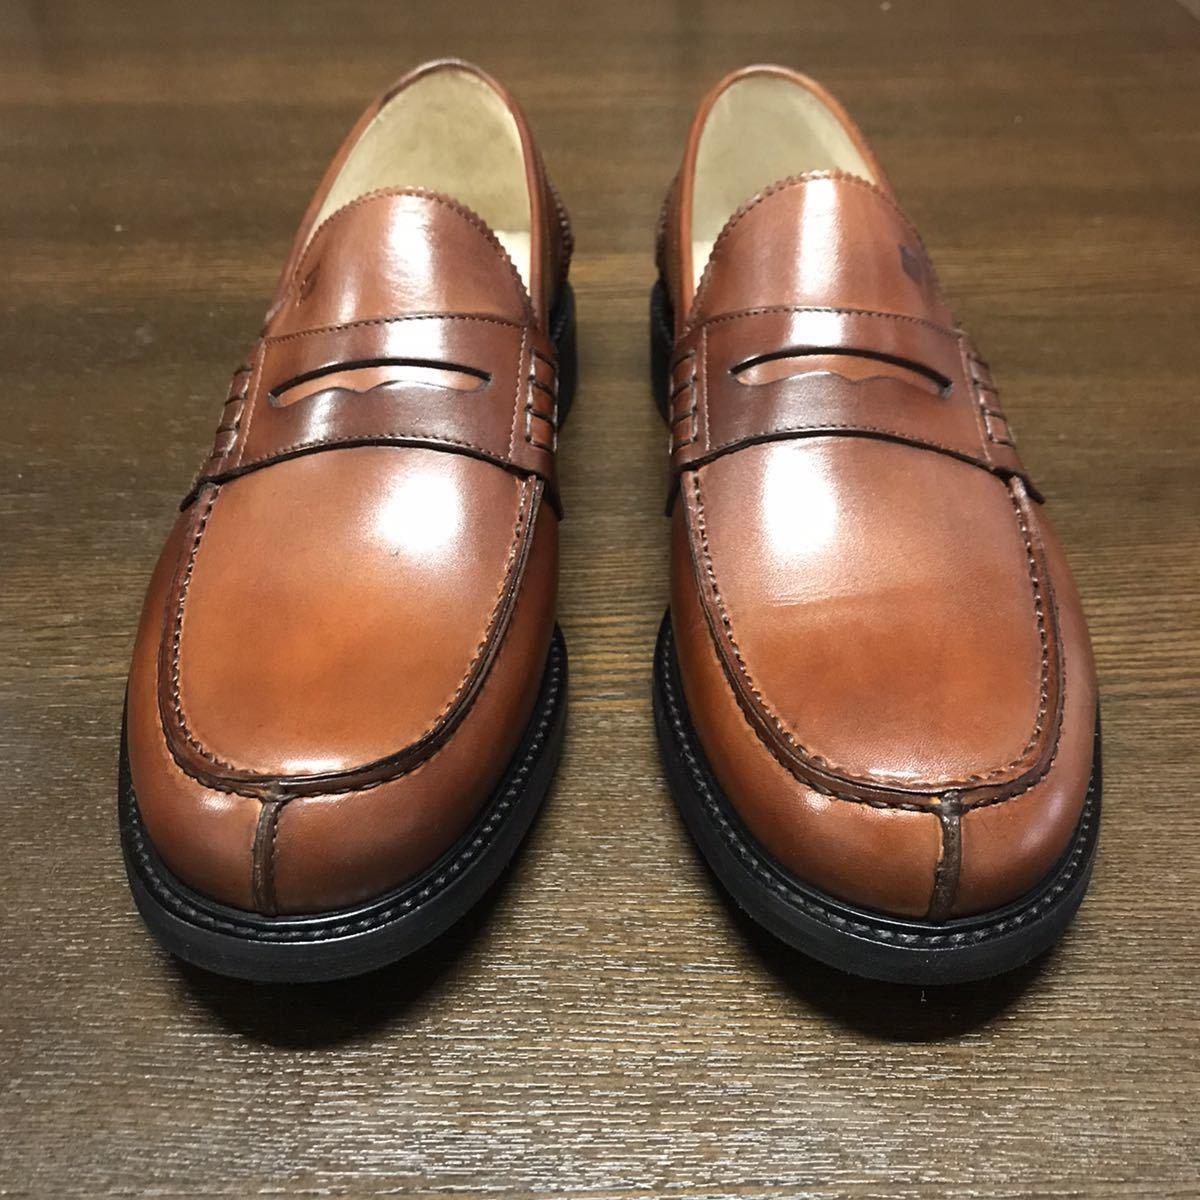 即決【送料0税0】新品 メンズ [UK9]28.0cm相当 4.8万 FLORSHEIM IMPERIAL フローシャイム 革靴 コインローファー モカシン レザーシューズ_画像3